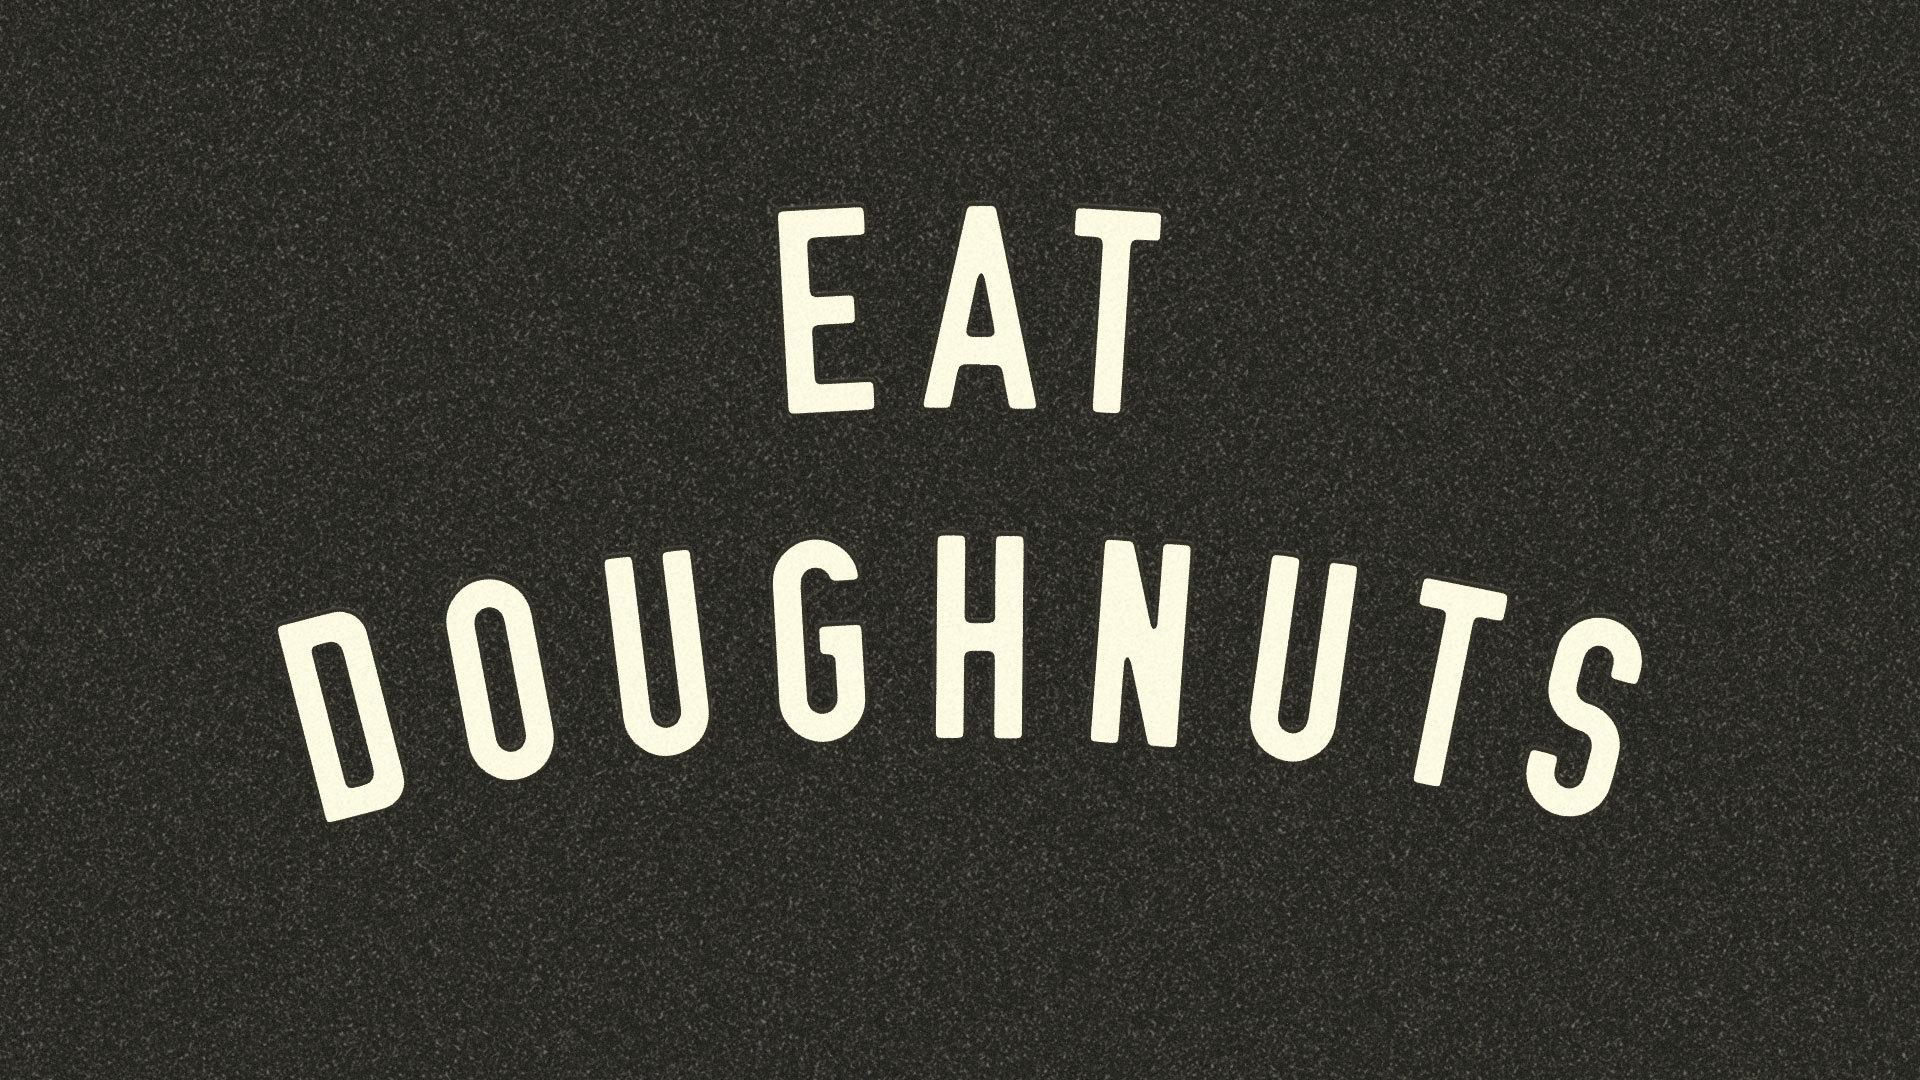 Krispykreme Eatdoughnuts